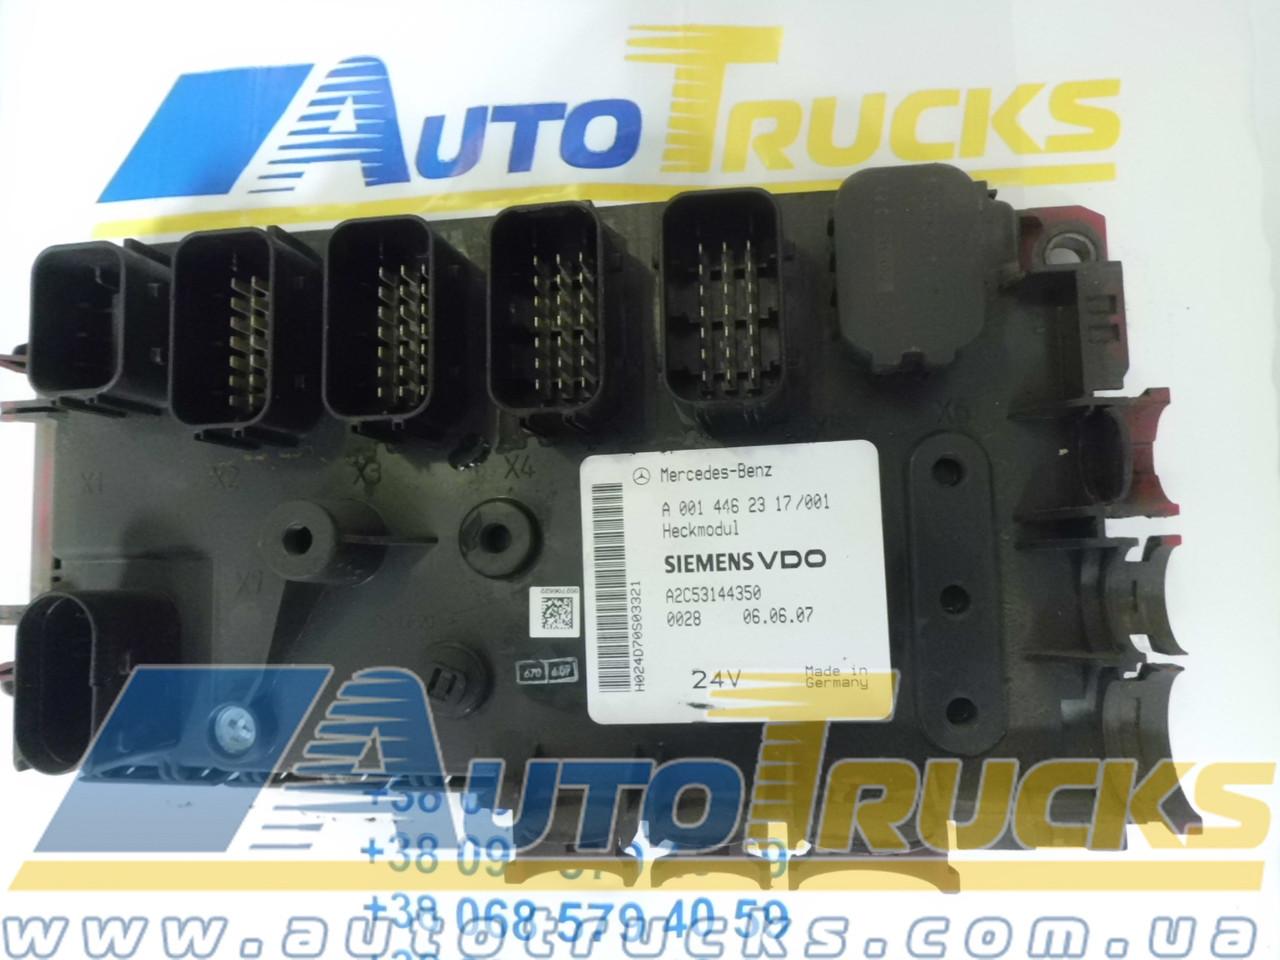 Блок управления SIEMENS VDO A2C53144350; MB 0014462317 Б/у для Mercedes-Benz (A2C53144350; 0014462317)